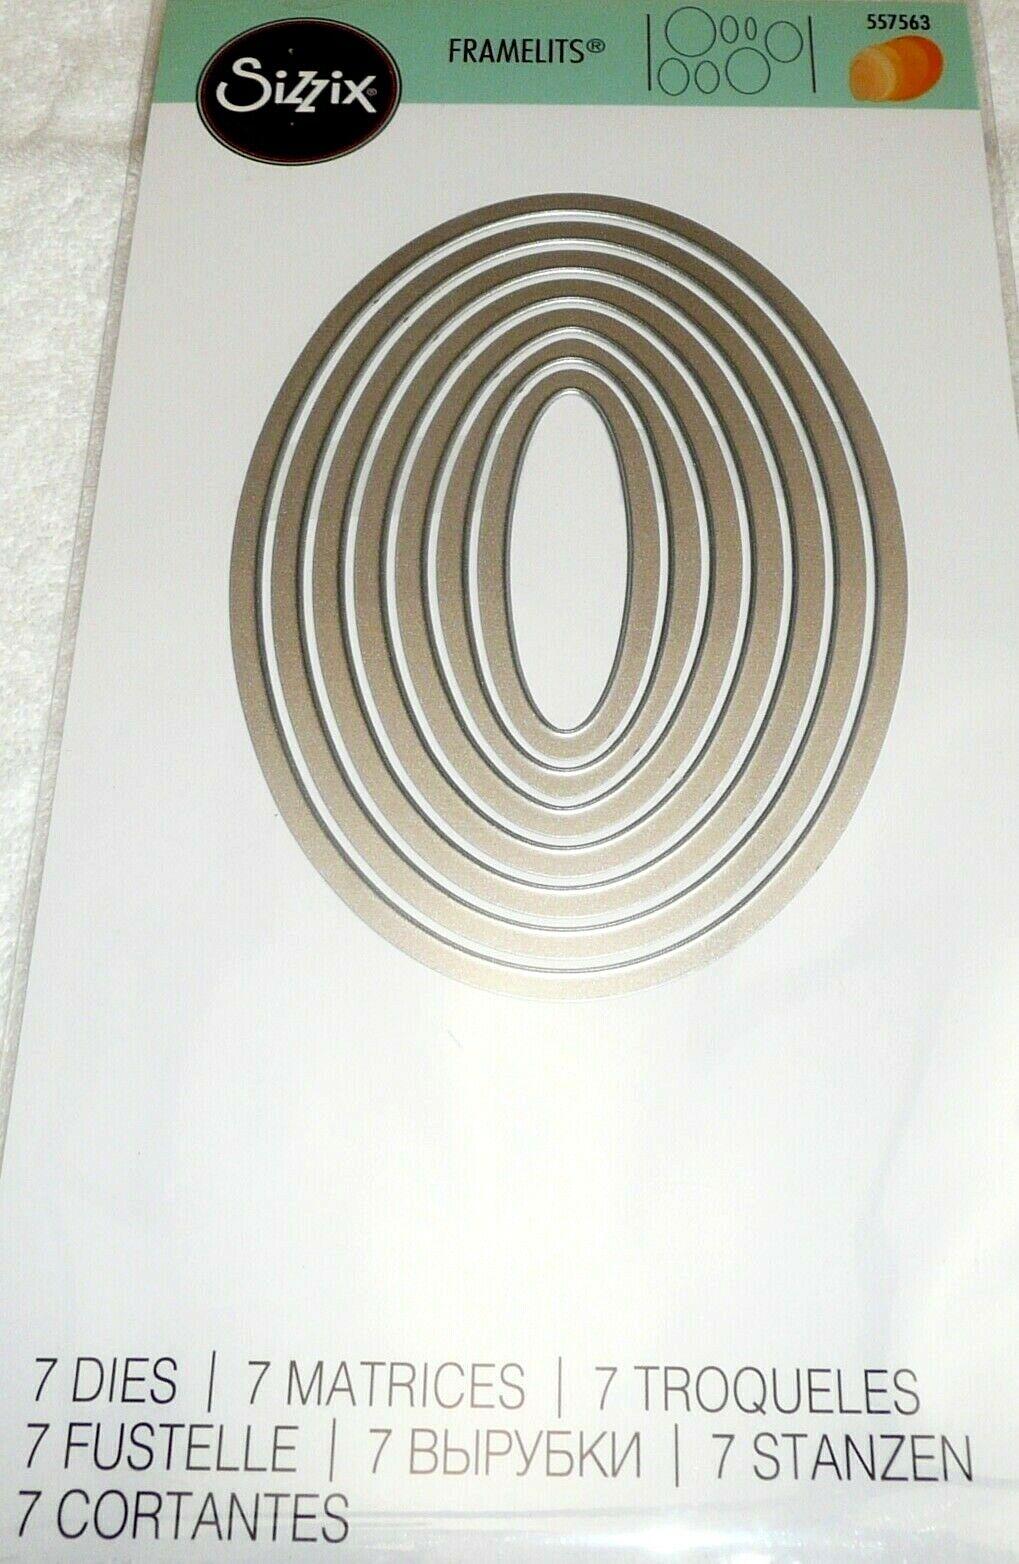 Sizzix Ovals Die Set 7 Framelits Dies 557563